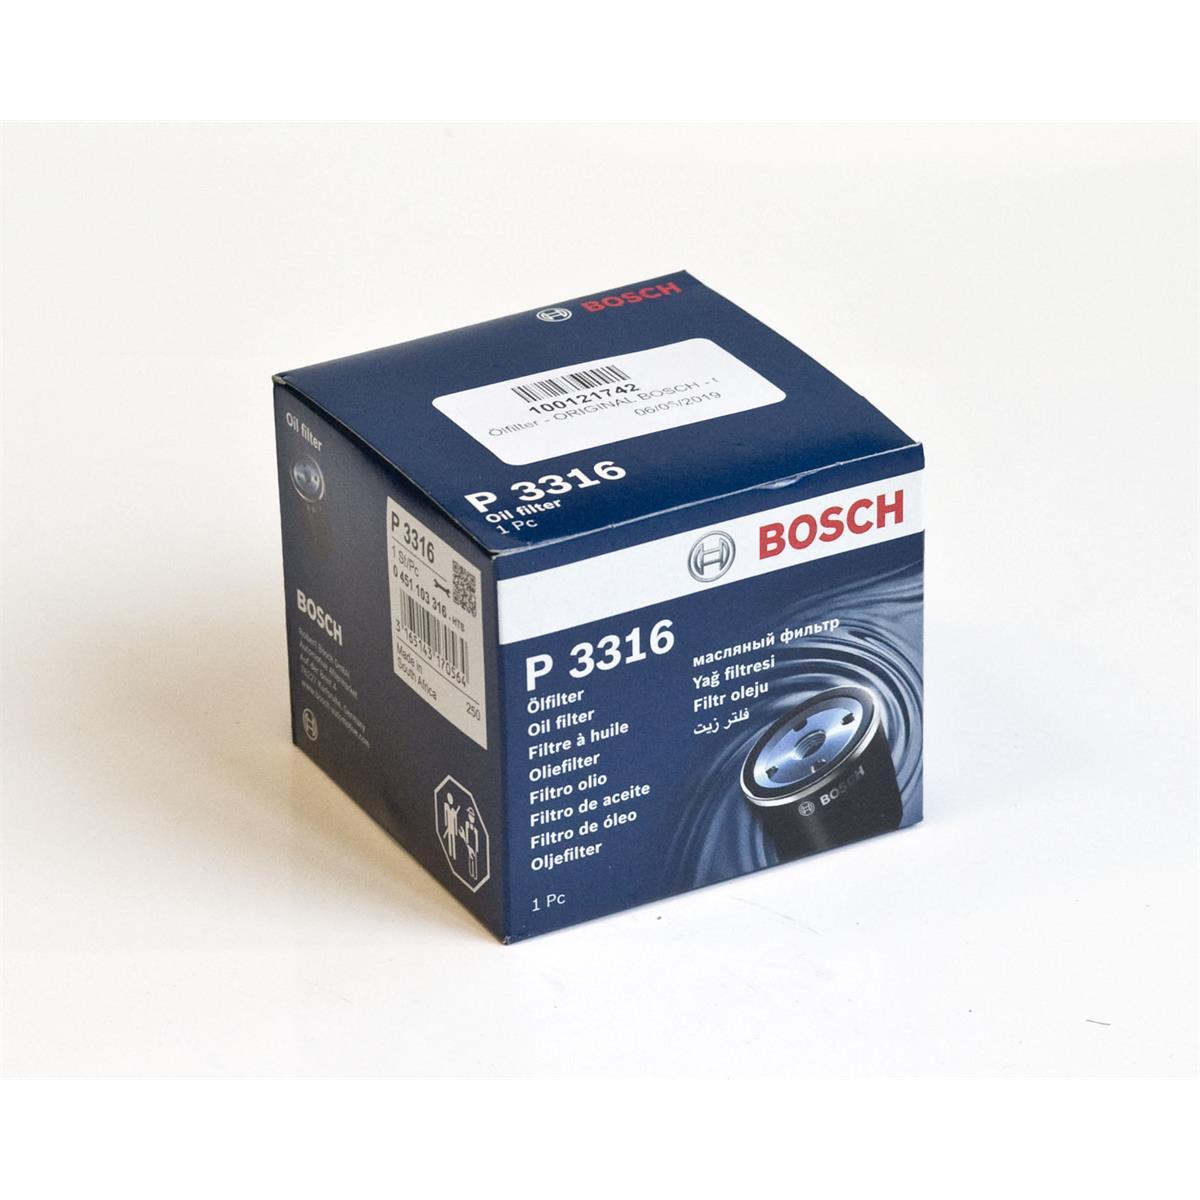 BOSCH Einspritzventil 0 261 500 100 für HYUNDAI i30 GD ix35 LM EL ELH CW i40 VF